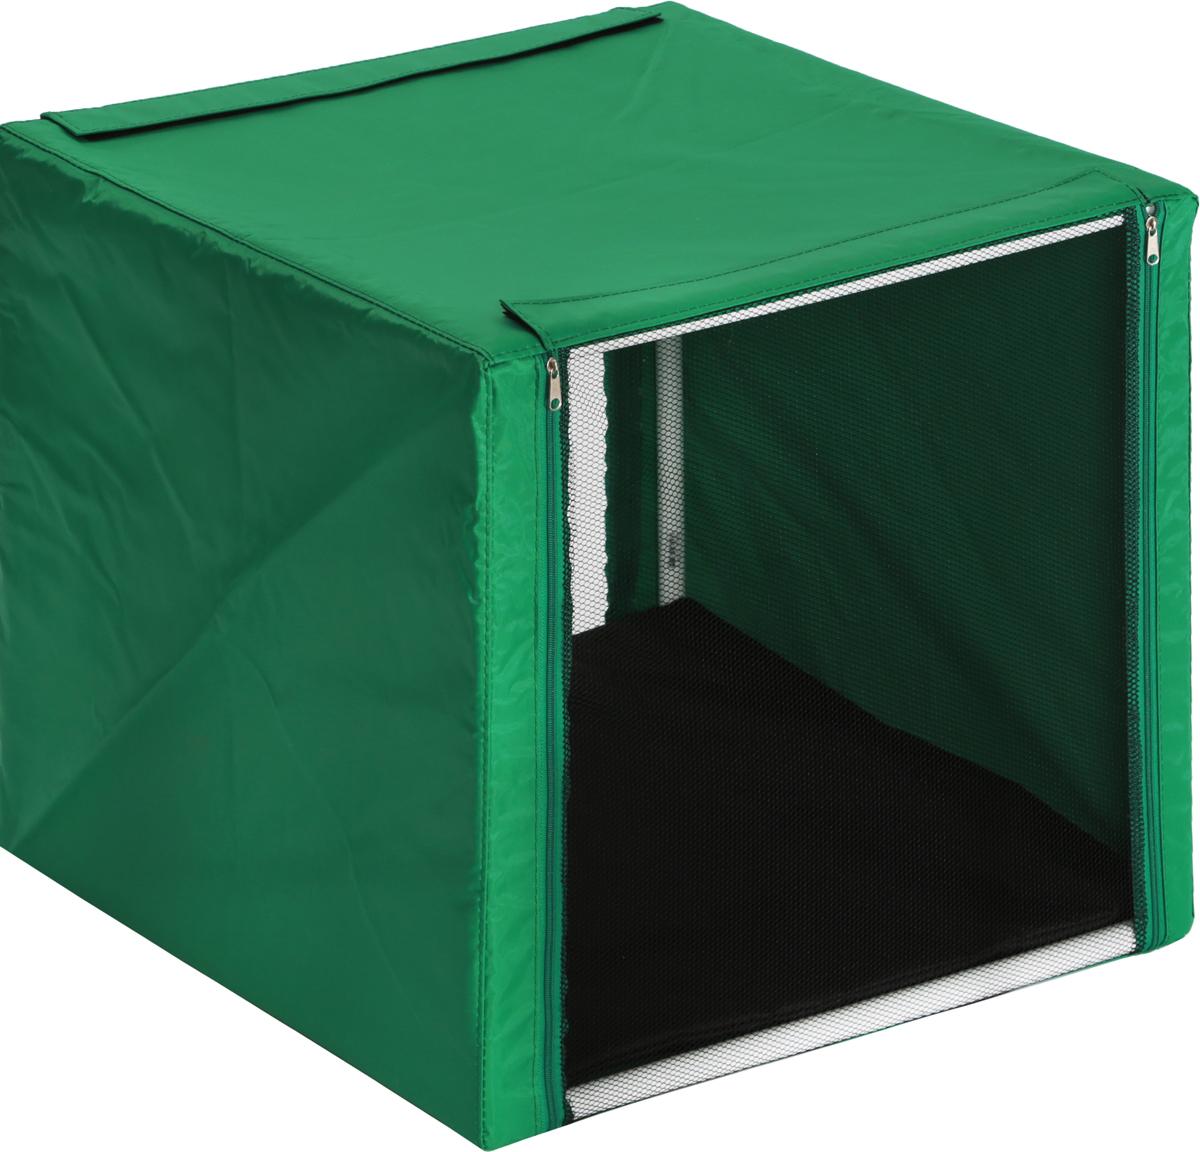 Клетка выставочная для кошек  Заря-Плюс , с чехлом, цвет: зеленый, черный, 56 х 56 х 56 см